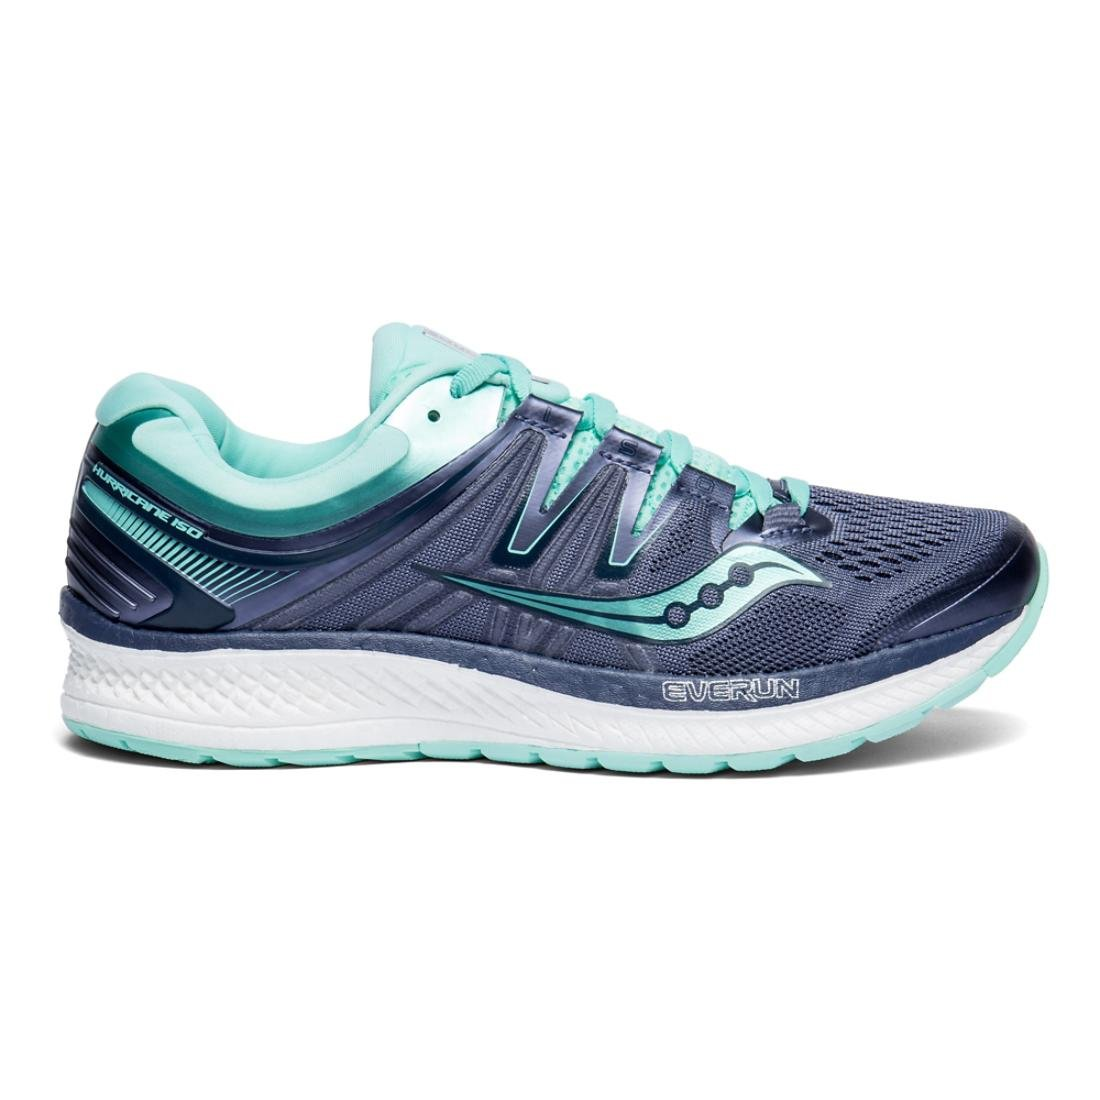 Saucony Women's Hurricane Iso 4 Running Shoe B078PQ1J47 11.5 B(M) US|Grey/Aqua